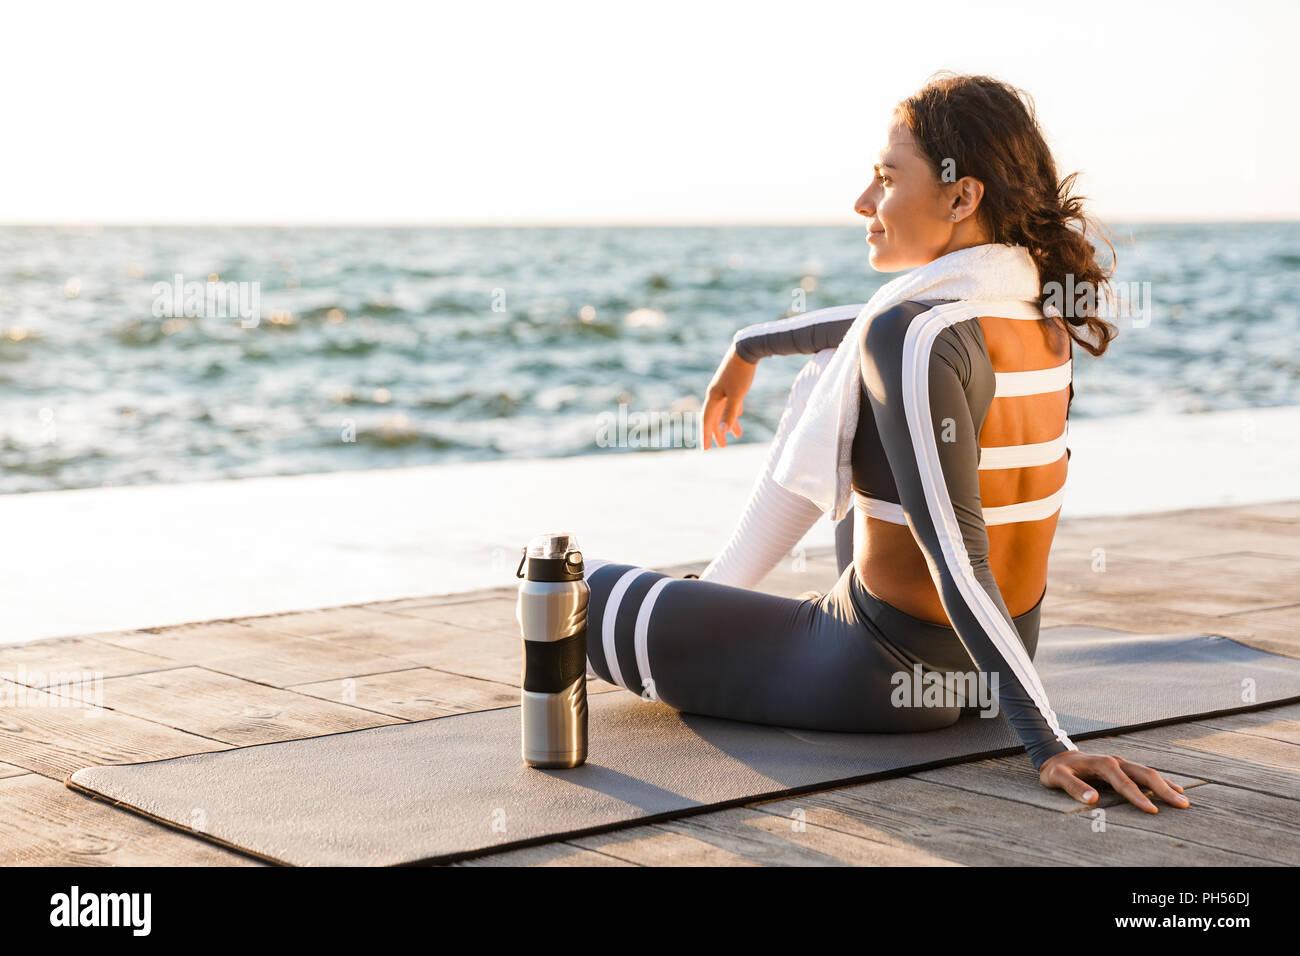 Image de la belle jeune femme de remise en forme en plein air sur la plage ont un reste assis avec une serviette et de l'eau. Banque D'Images